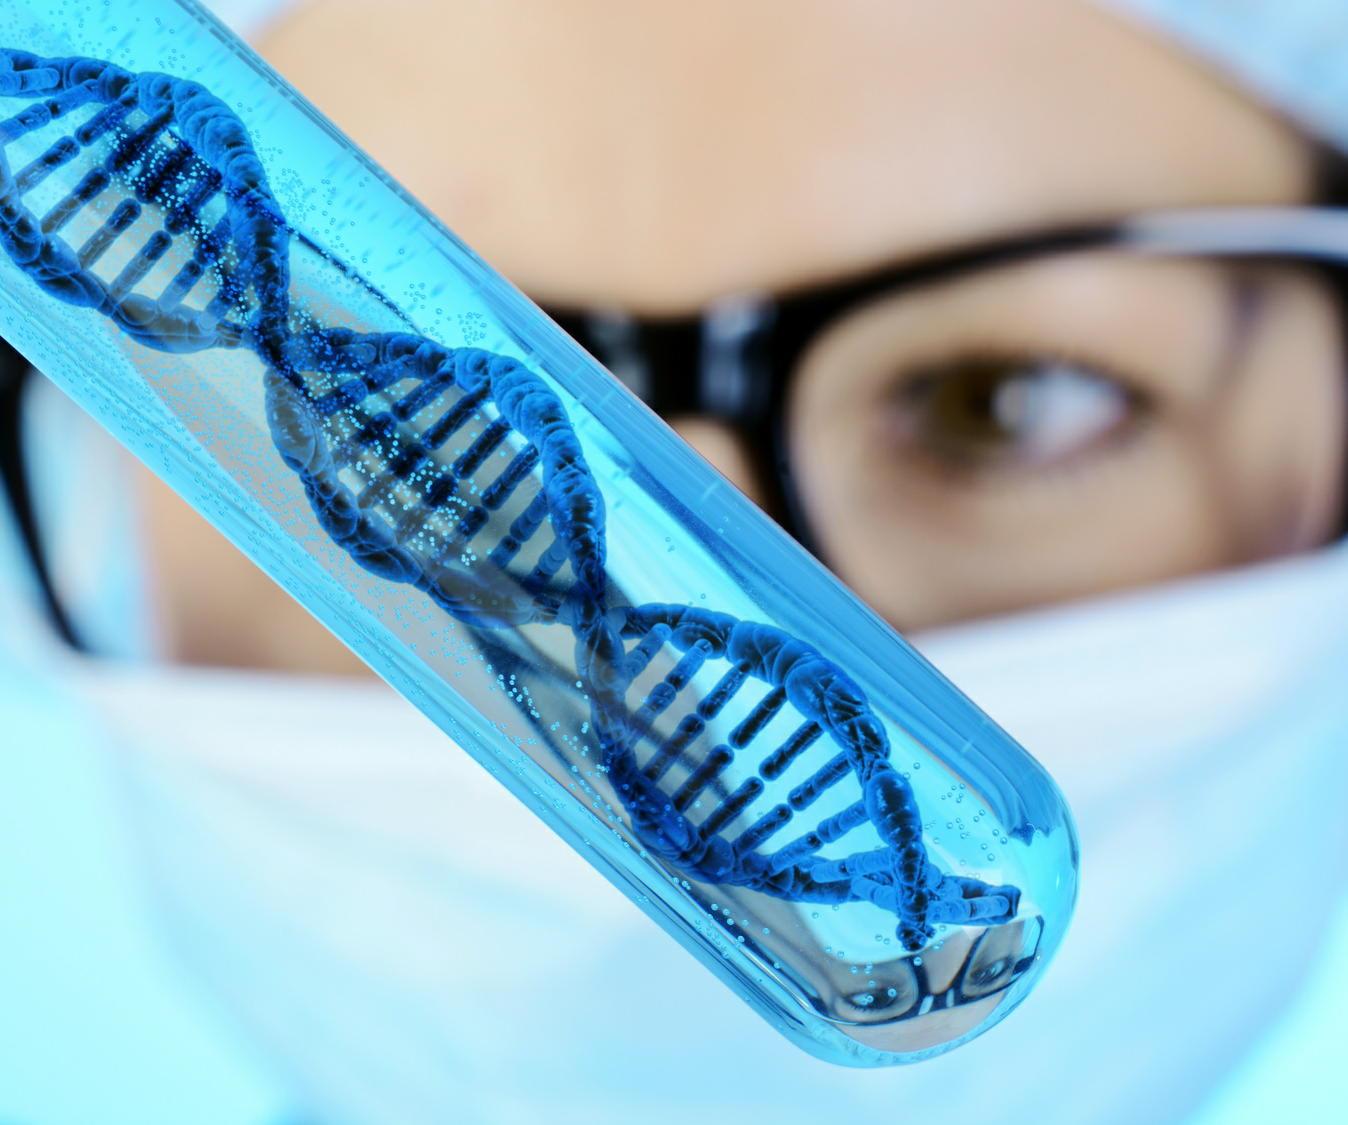 ネットの遺伝子検査は信用できるの? 「安易な利用に注意して」と専門家